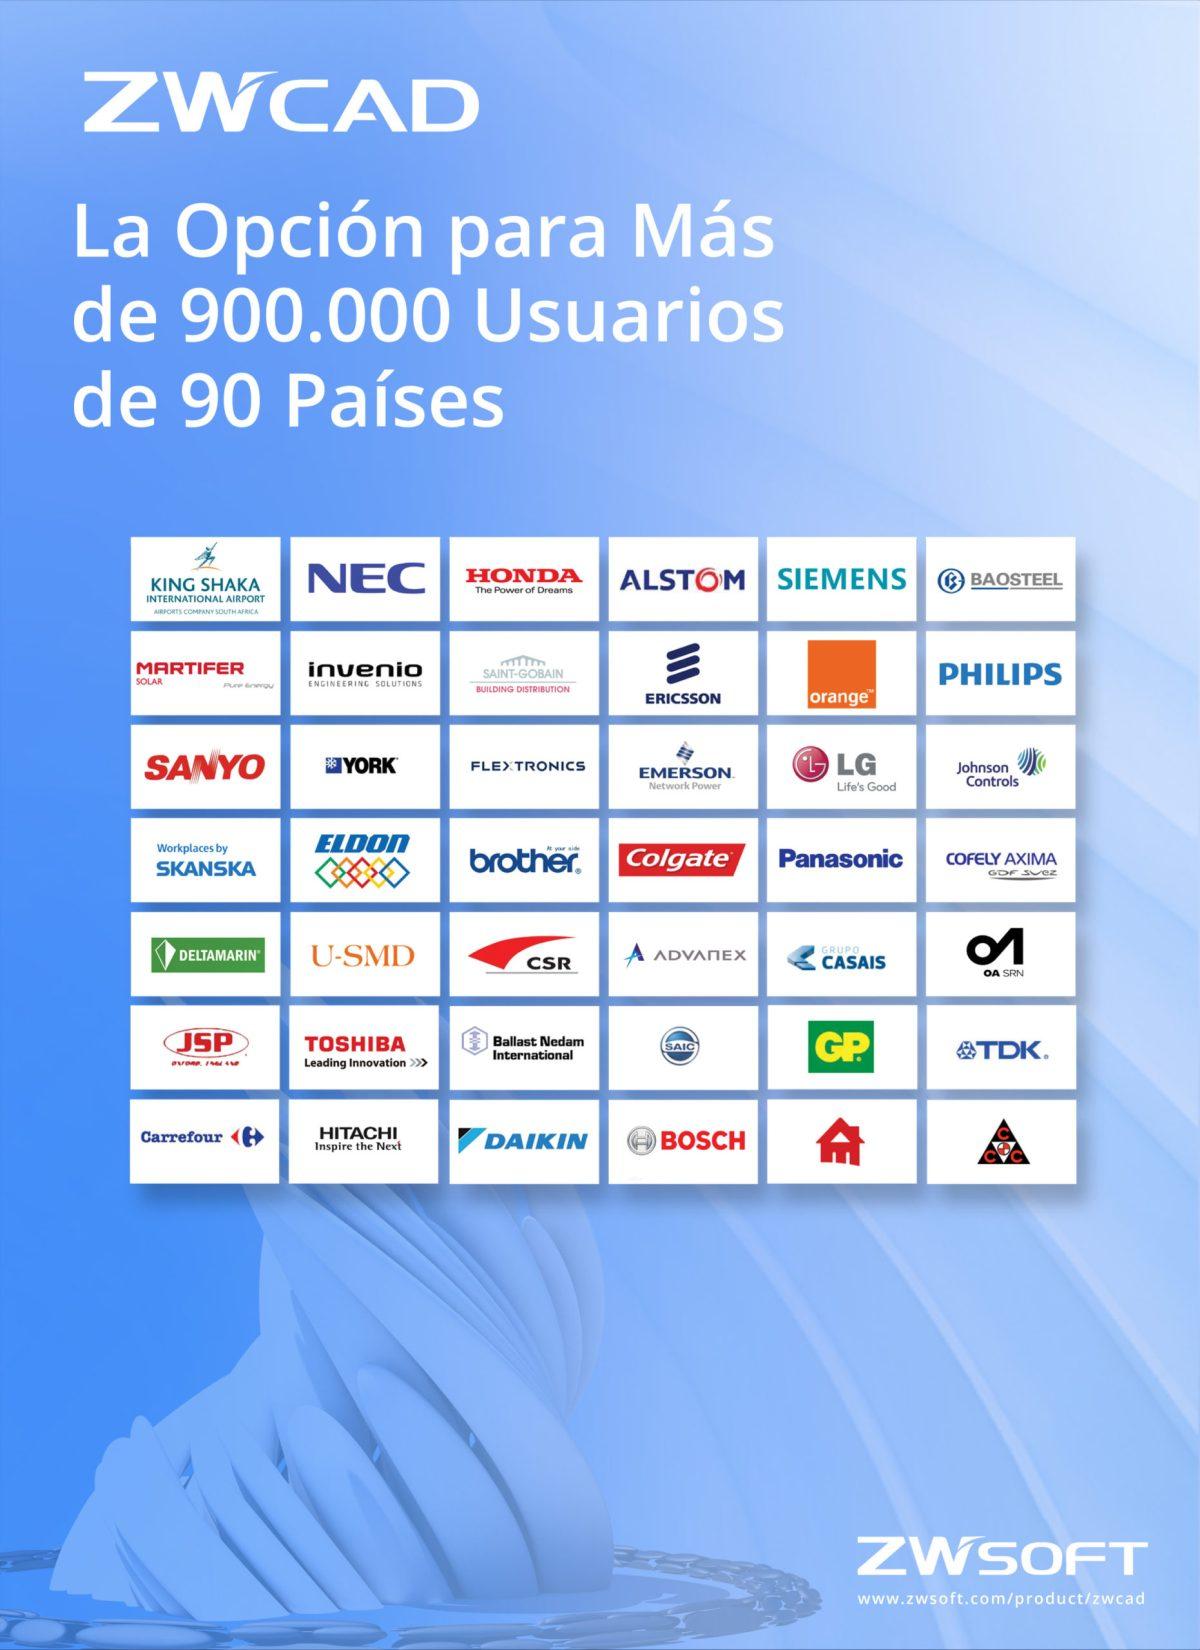 Empresas que usan ZWCAD